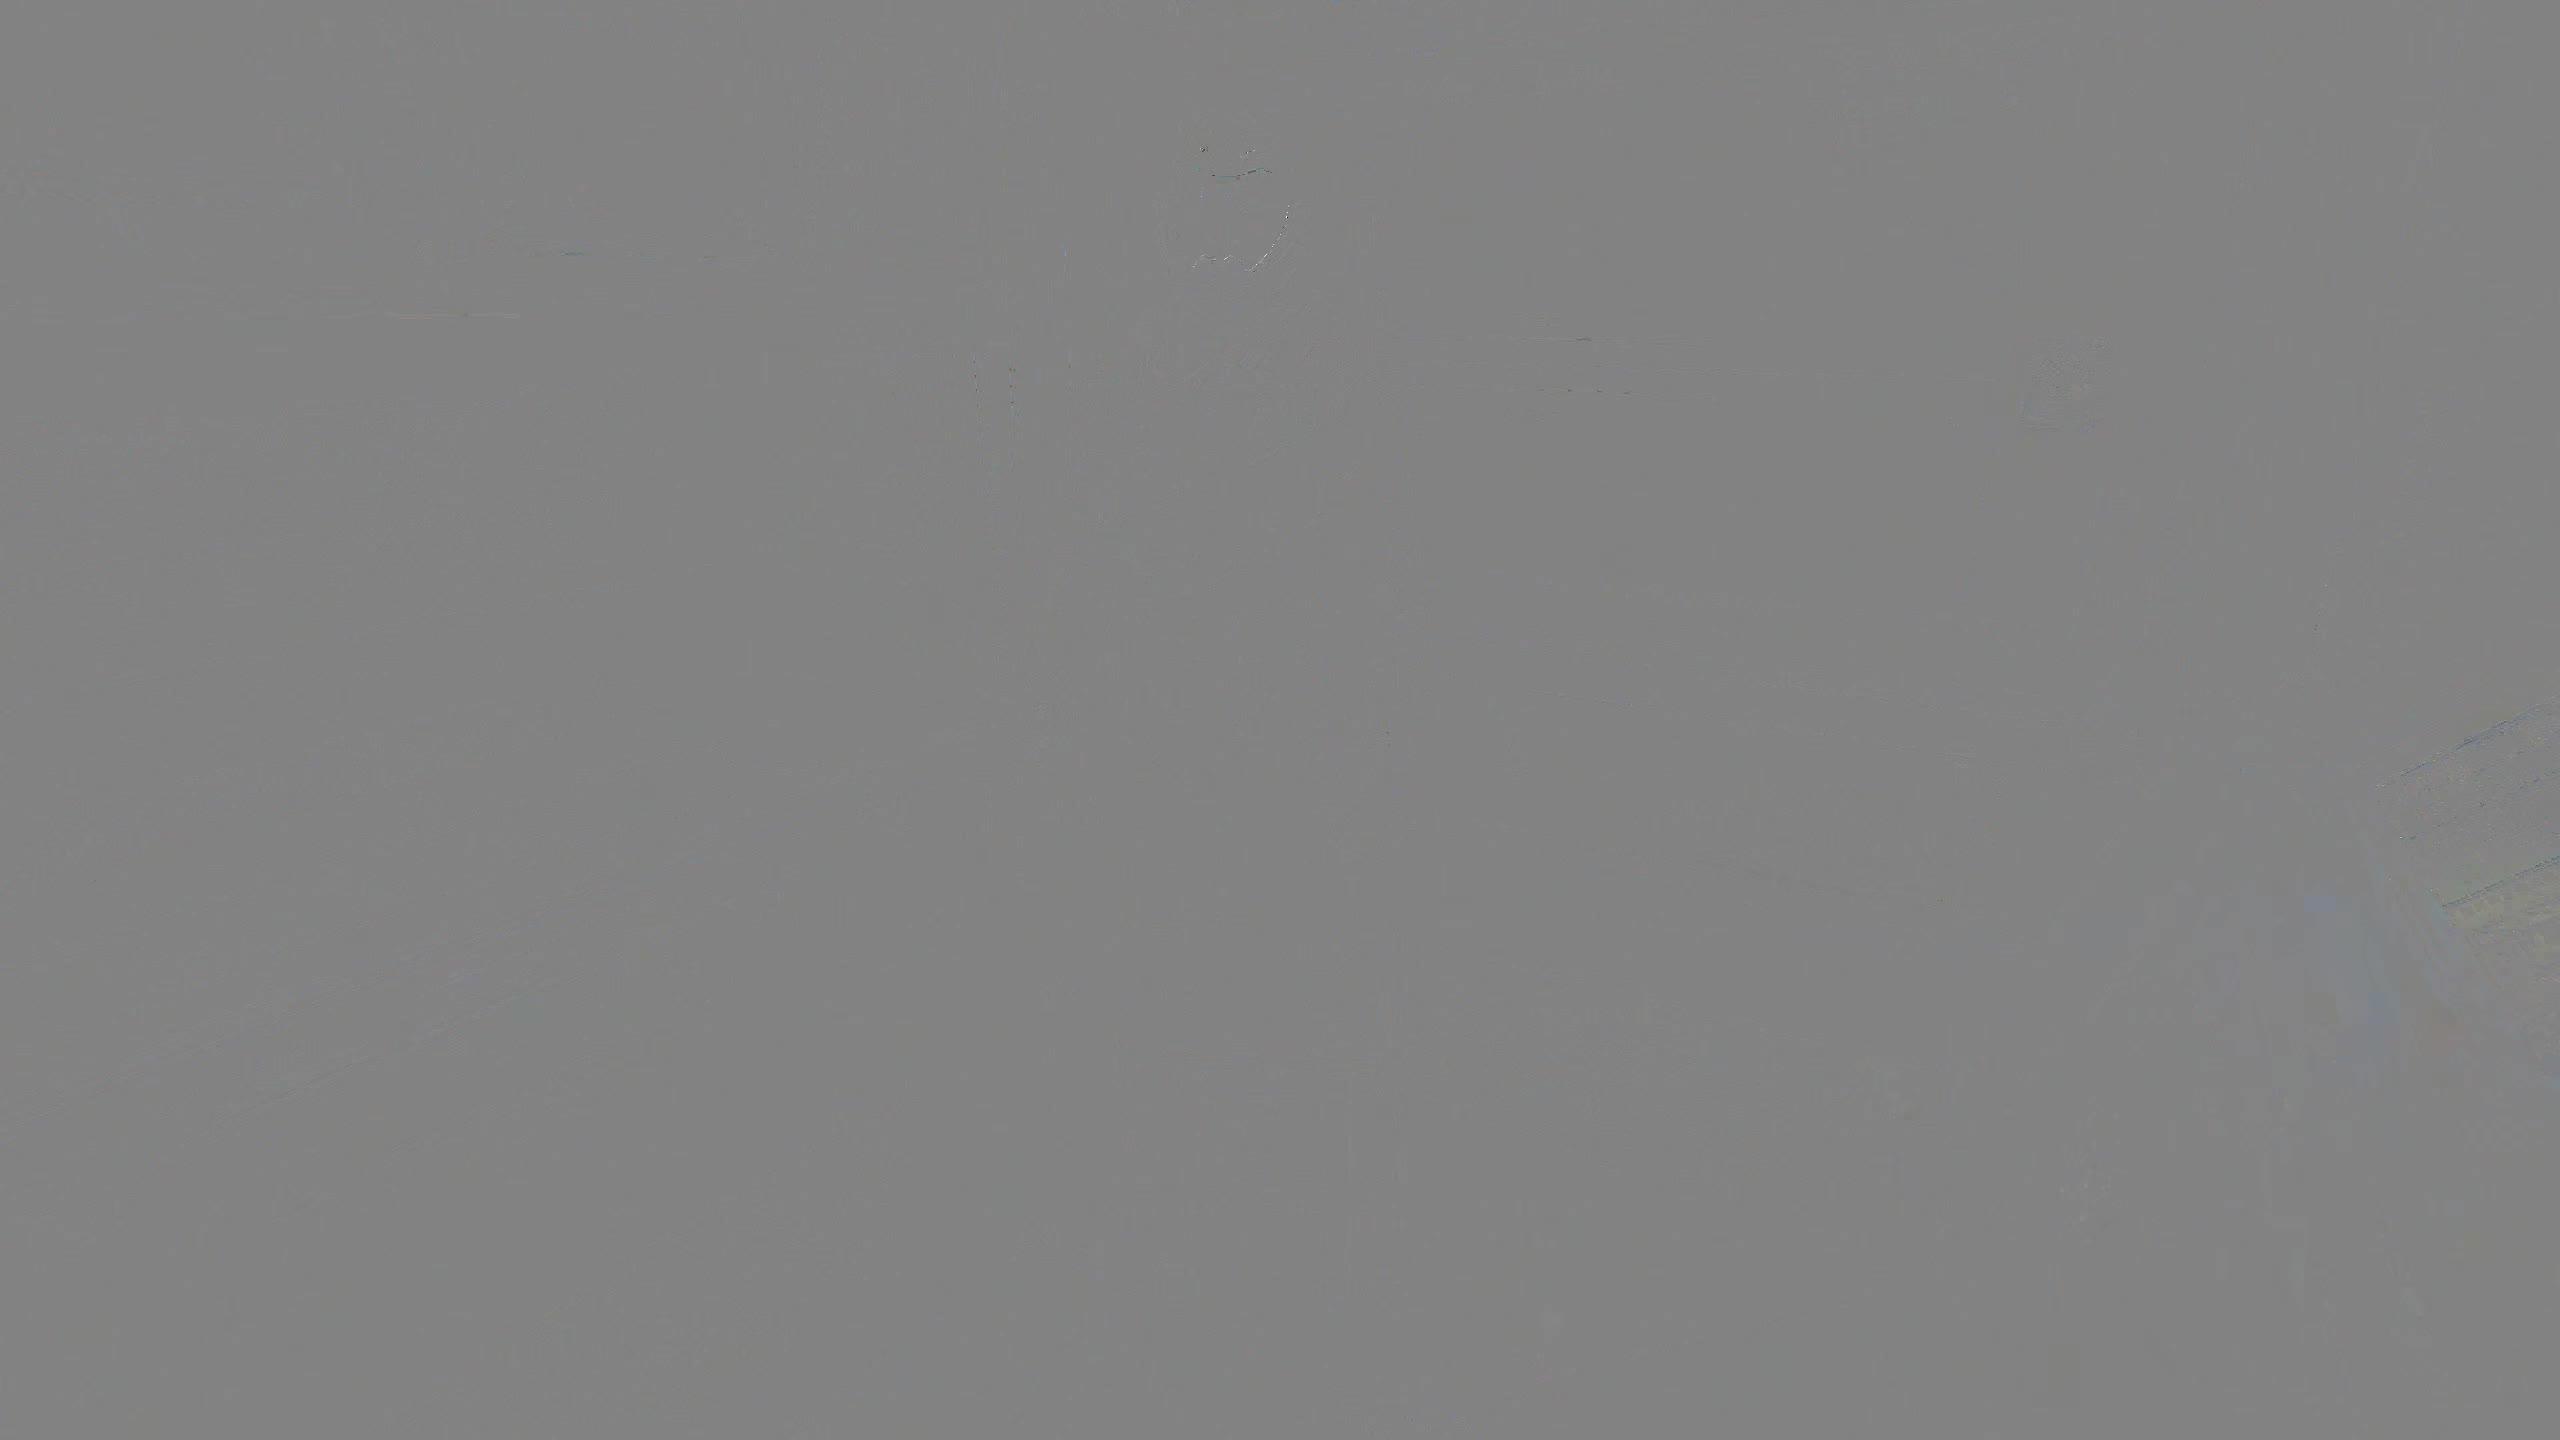 StarCitizen 03-11-2018 10-30-50 GIFs